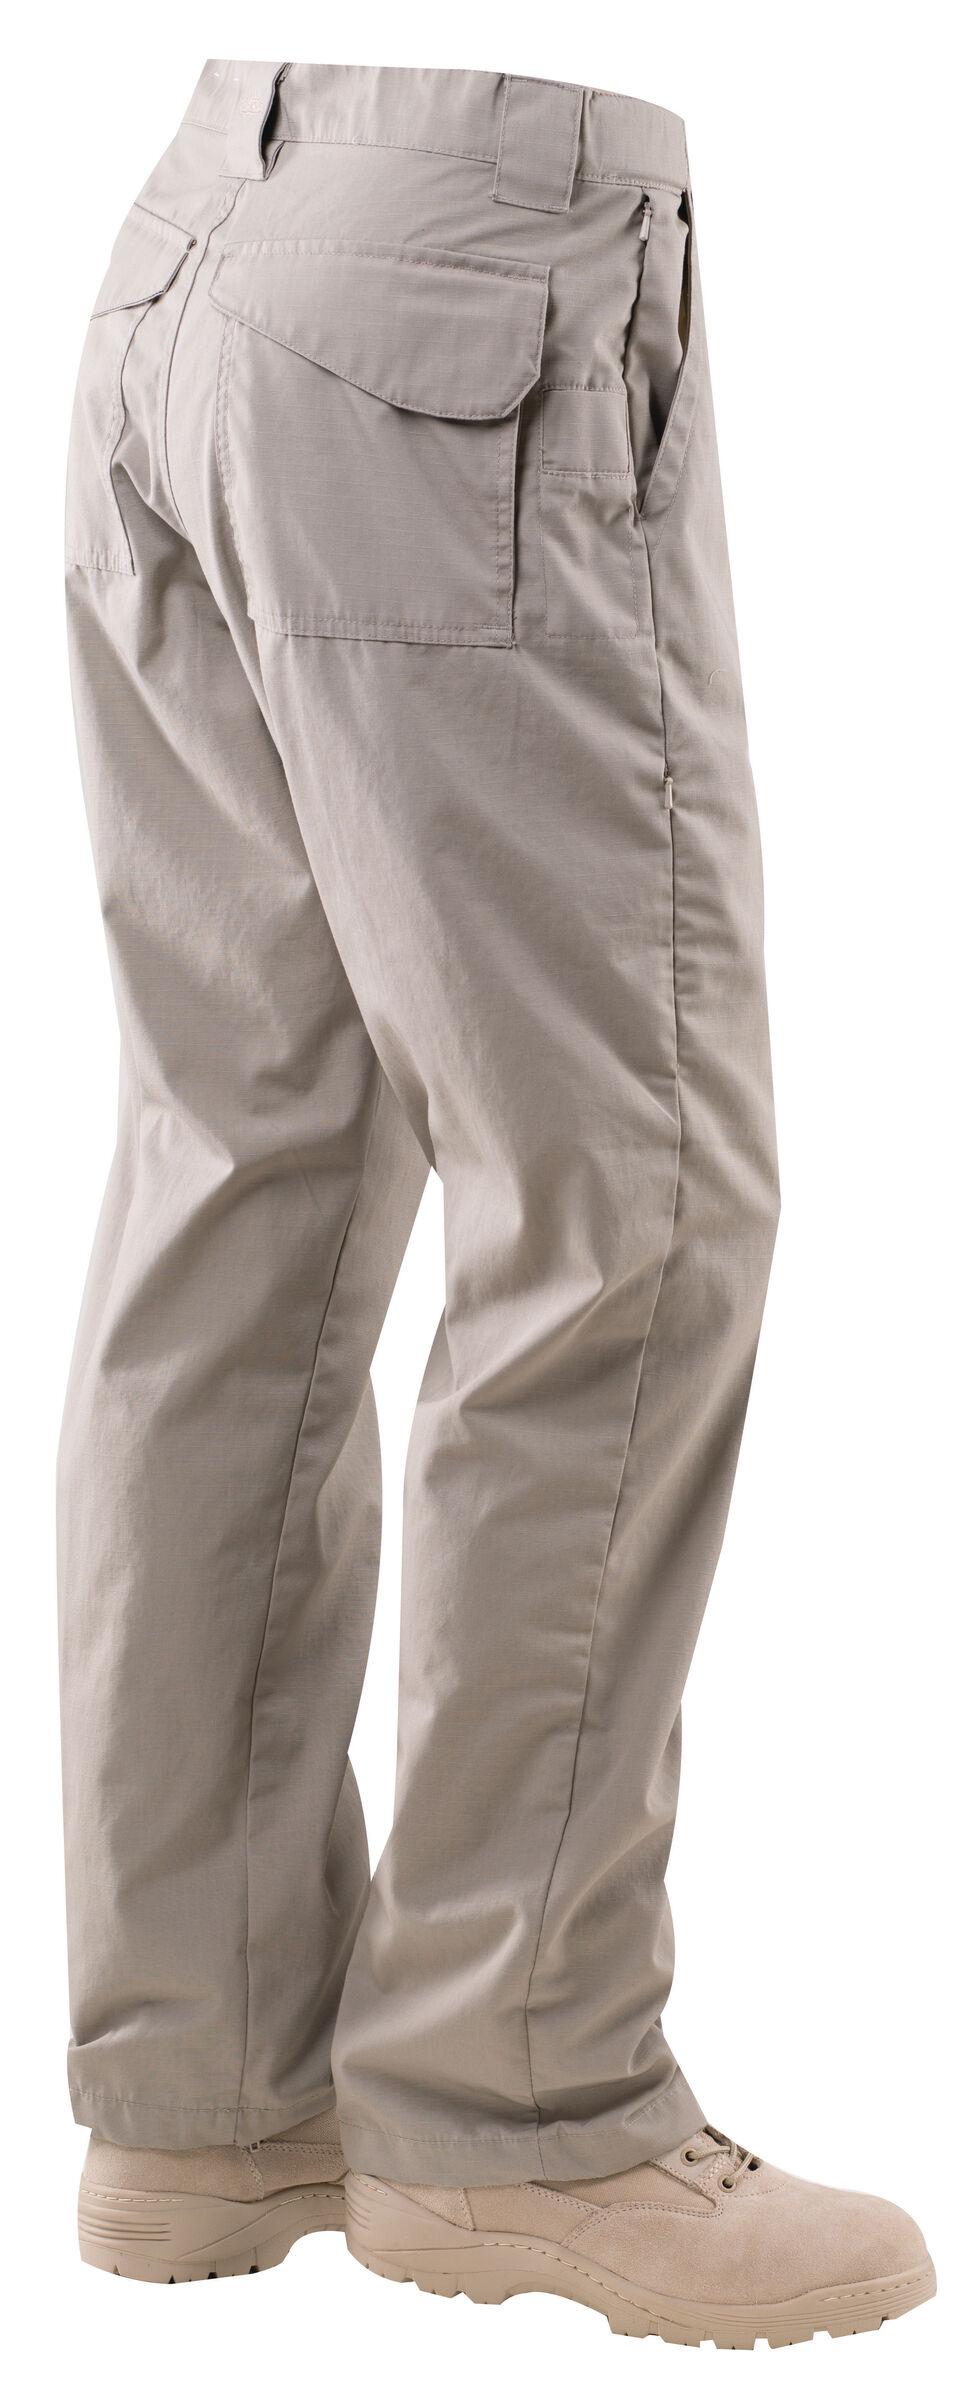 Tru-Spec Men's 24-7 Series Classic Pants - Big and Tall, Khaki, hi-res